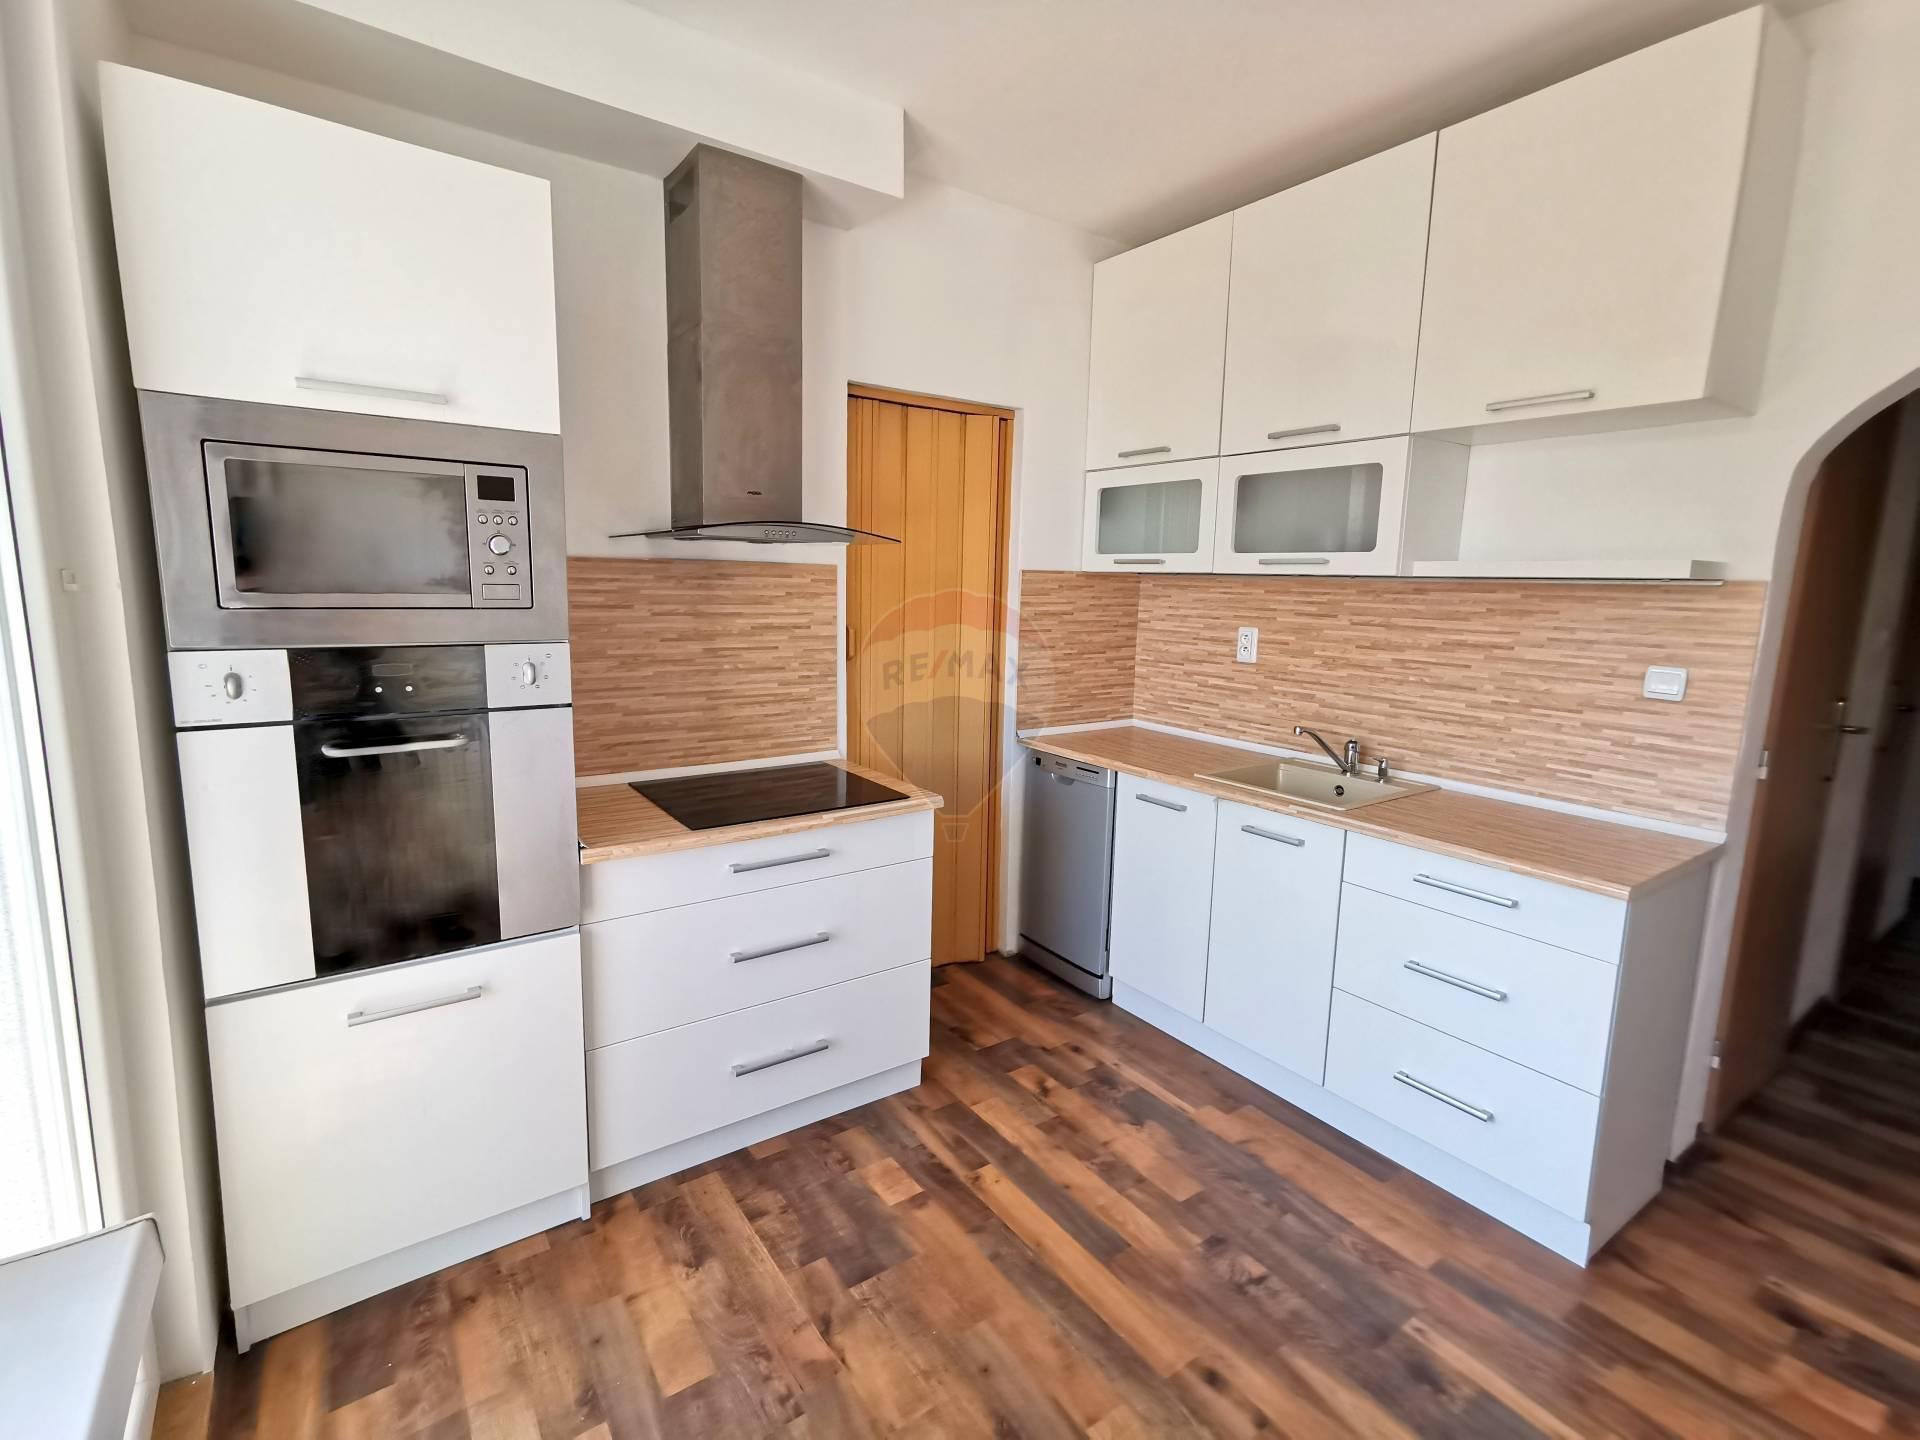 NA PREDAJ 3 izbový byt  v Martine, Košúty - ZNÍŽENÁ CENA